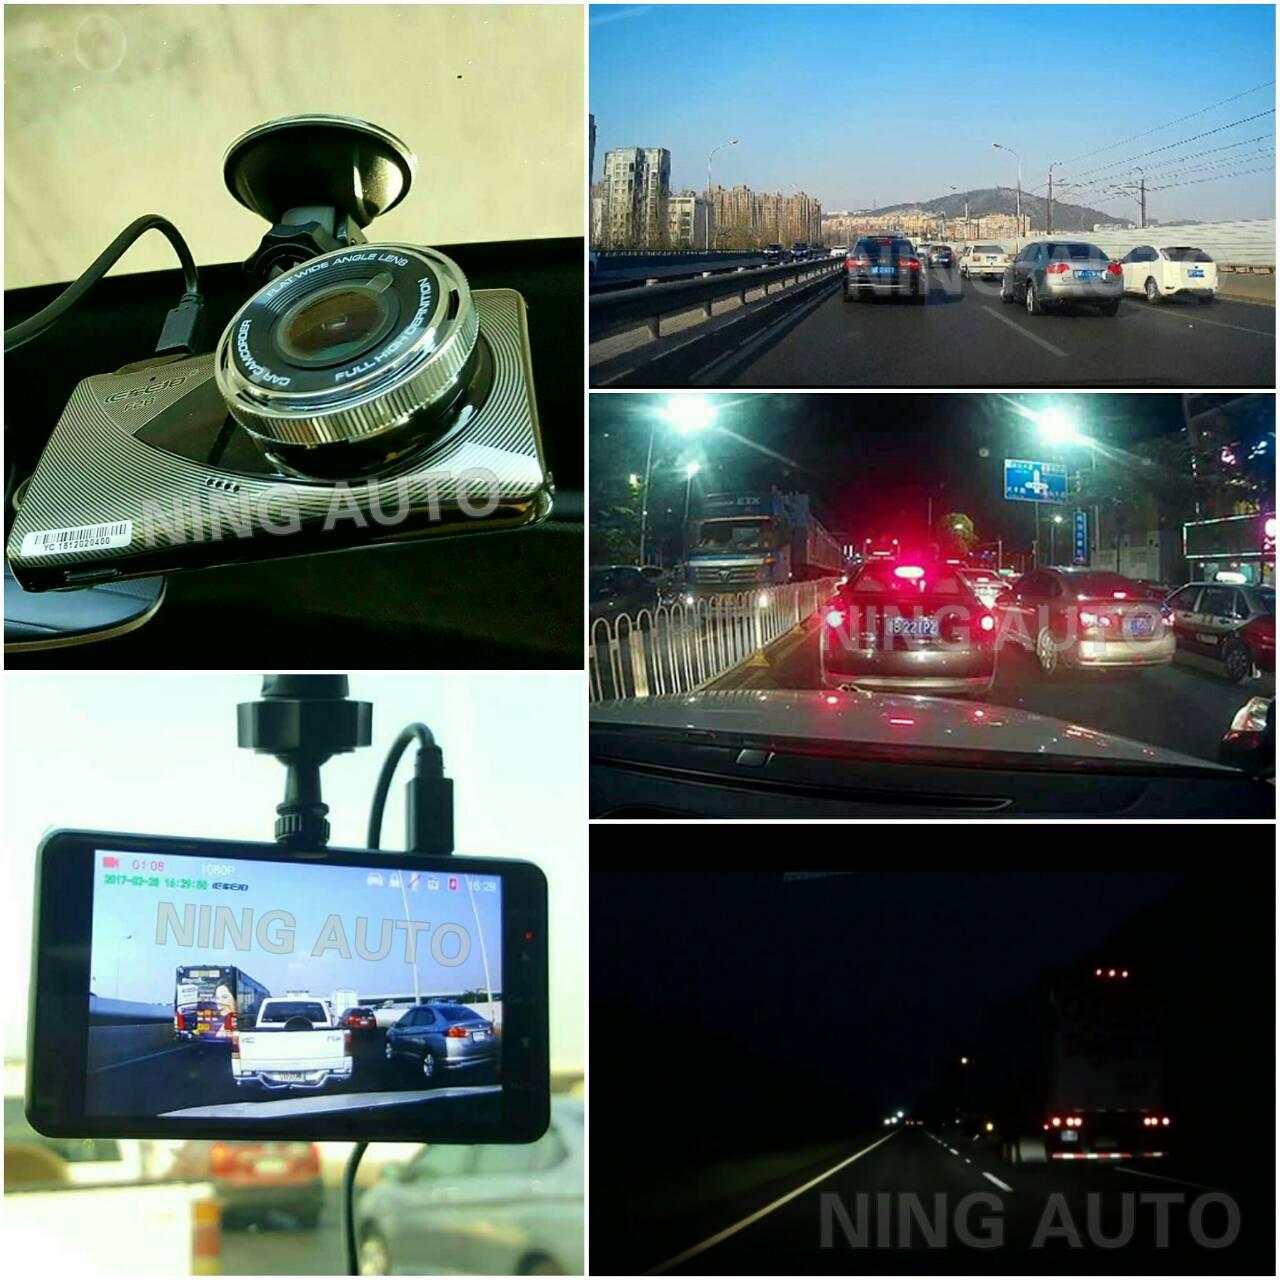 กล้องหน้า - หลัง รถยนต์ NYF28 จอรุ่นใหม่ LED 5 นิ้ว